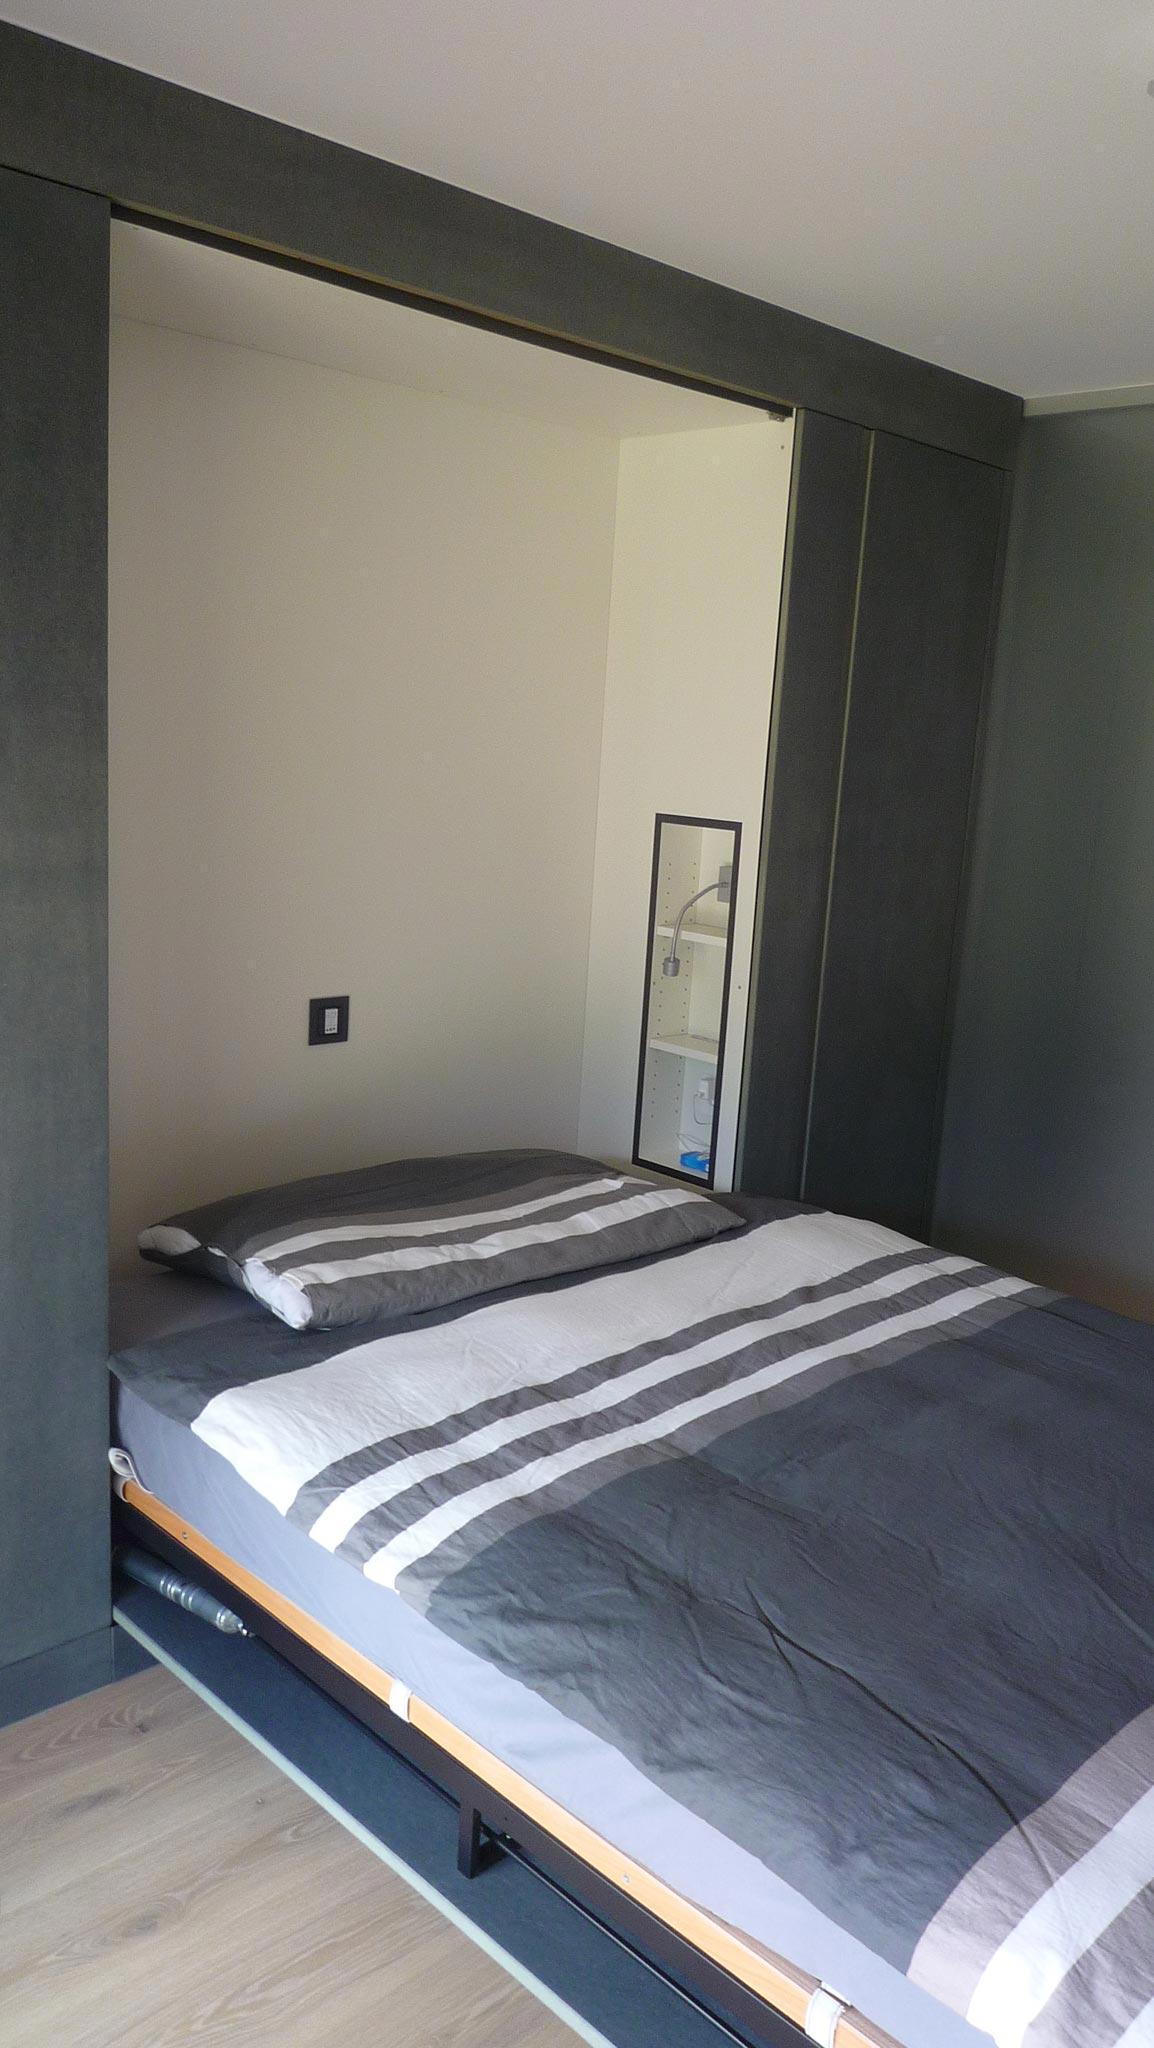 ES Bru 3680 chambre vtc 20 05 012 - Une pièce modulable à Fully (Bj)